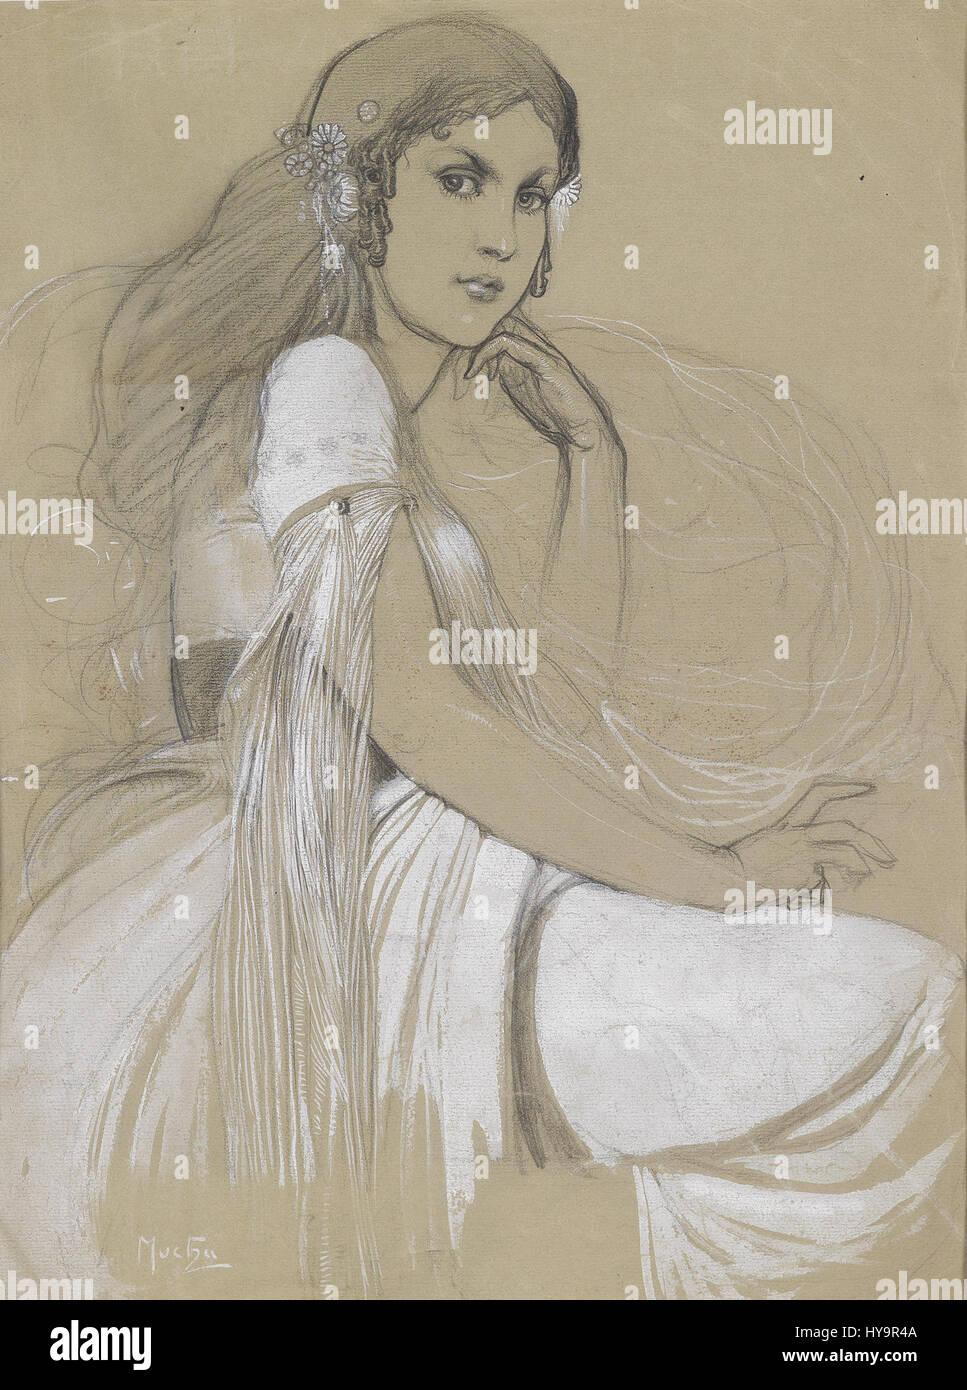 Jaroslava Mucha by Alfons Mucha - Stock Image